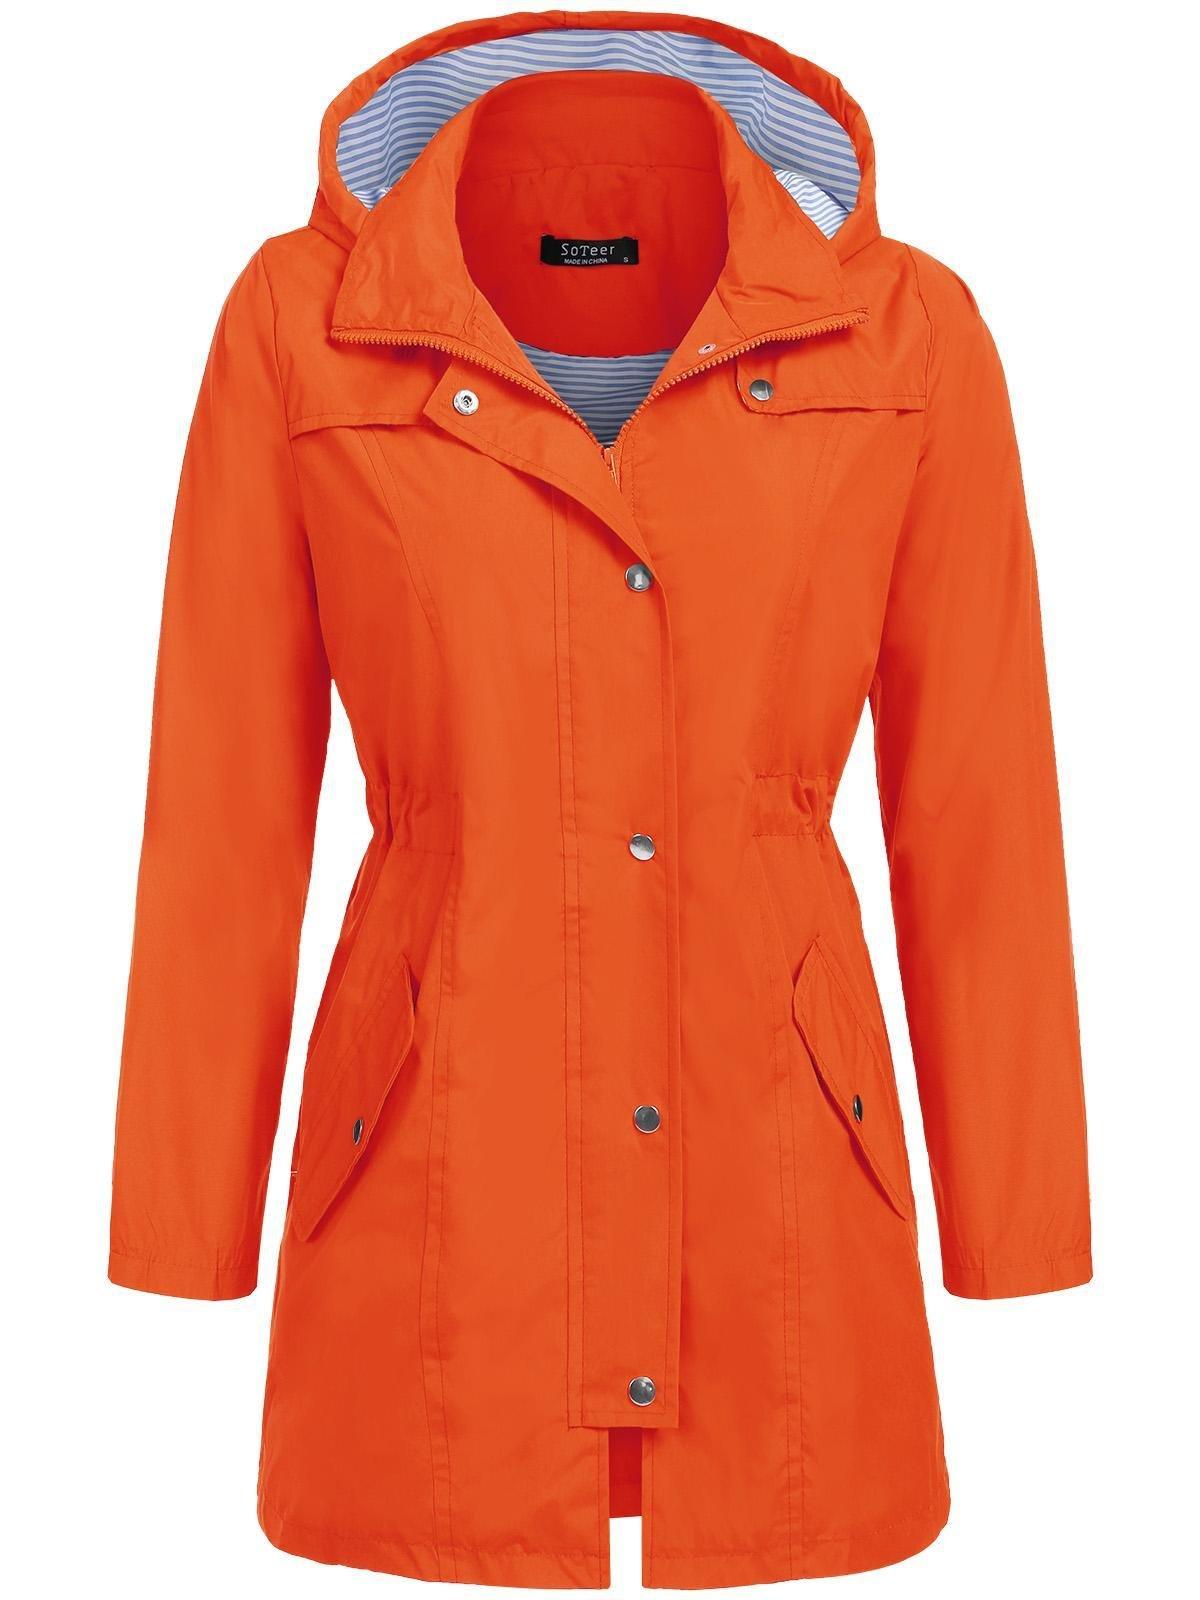 SoTeer Raincoat Women Waterproof with Hood Lightweight Active Outdoor Rain Jacket Windbreaker (Orange, M) by SoTeer